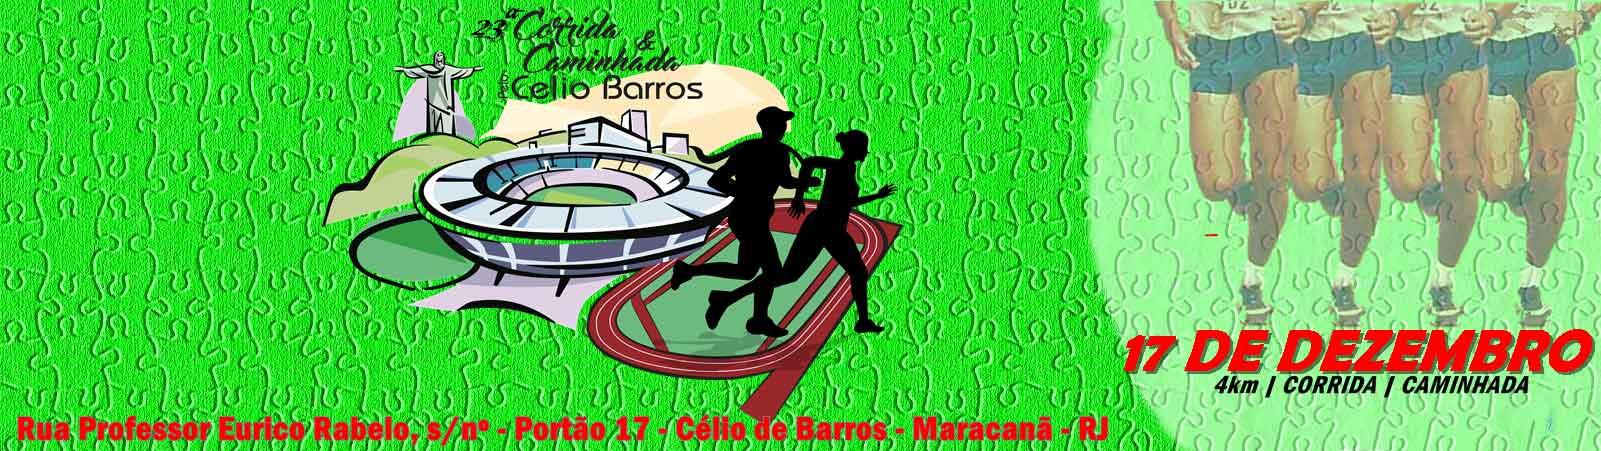 23ª CORRIDA E CAMINHADA DE CONFRATERNIZAÇÃO PELA RECONSTRUÇÃO DO ESTÁDIO DE ATLETISMO CÉLIO DE BARROS - Imagem de topo